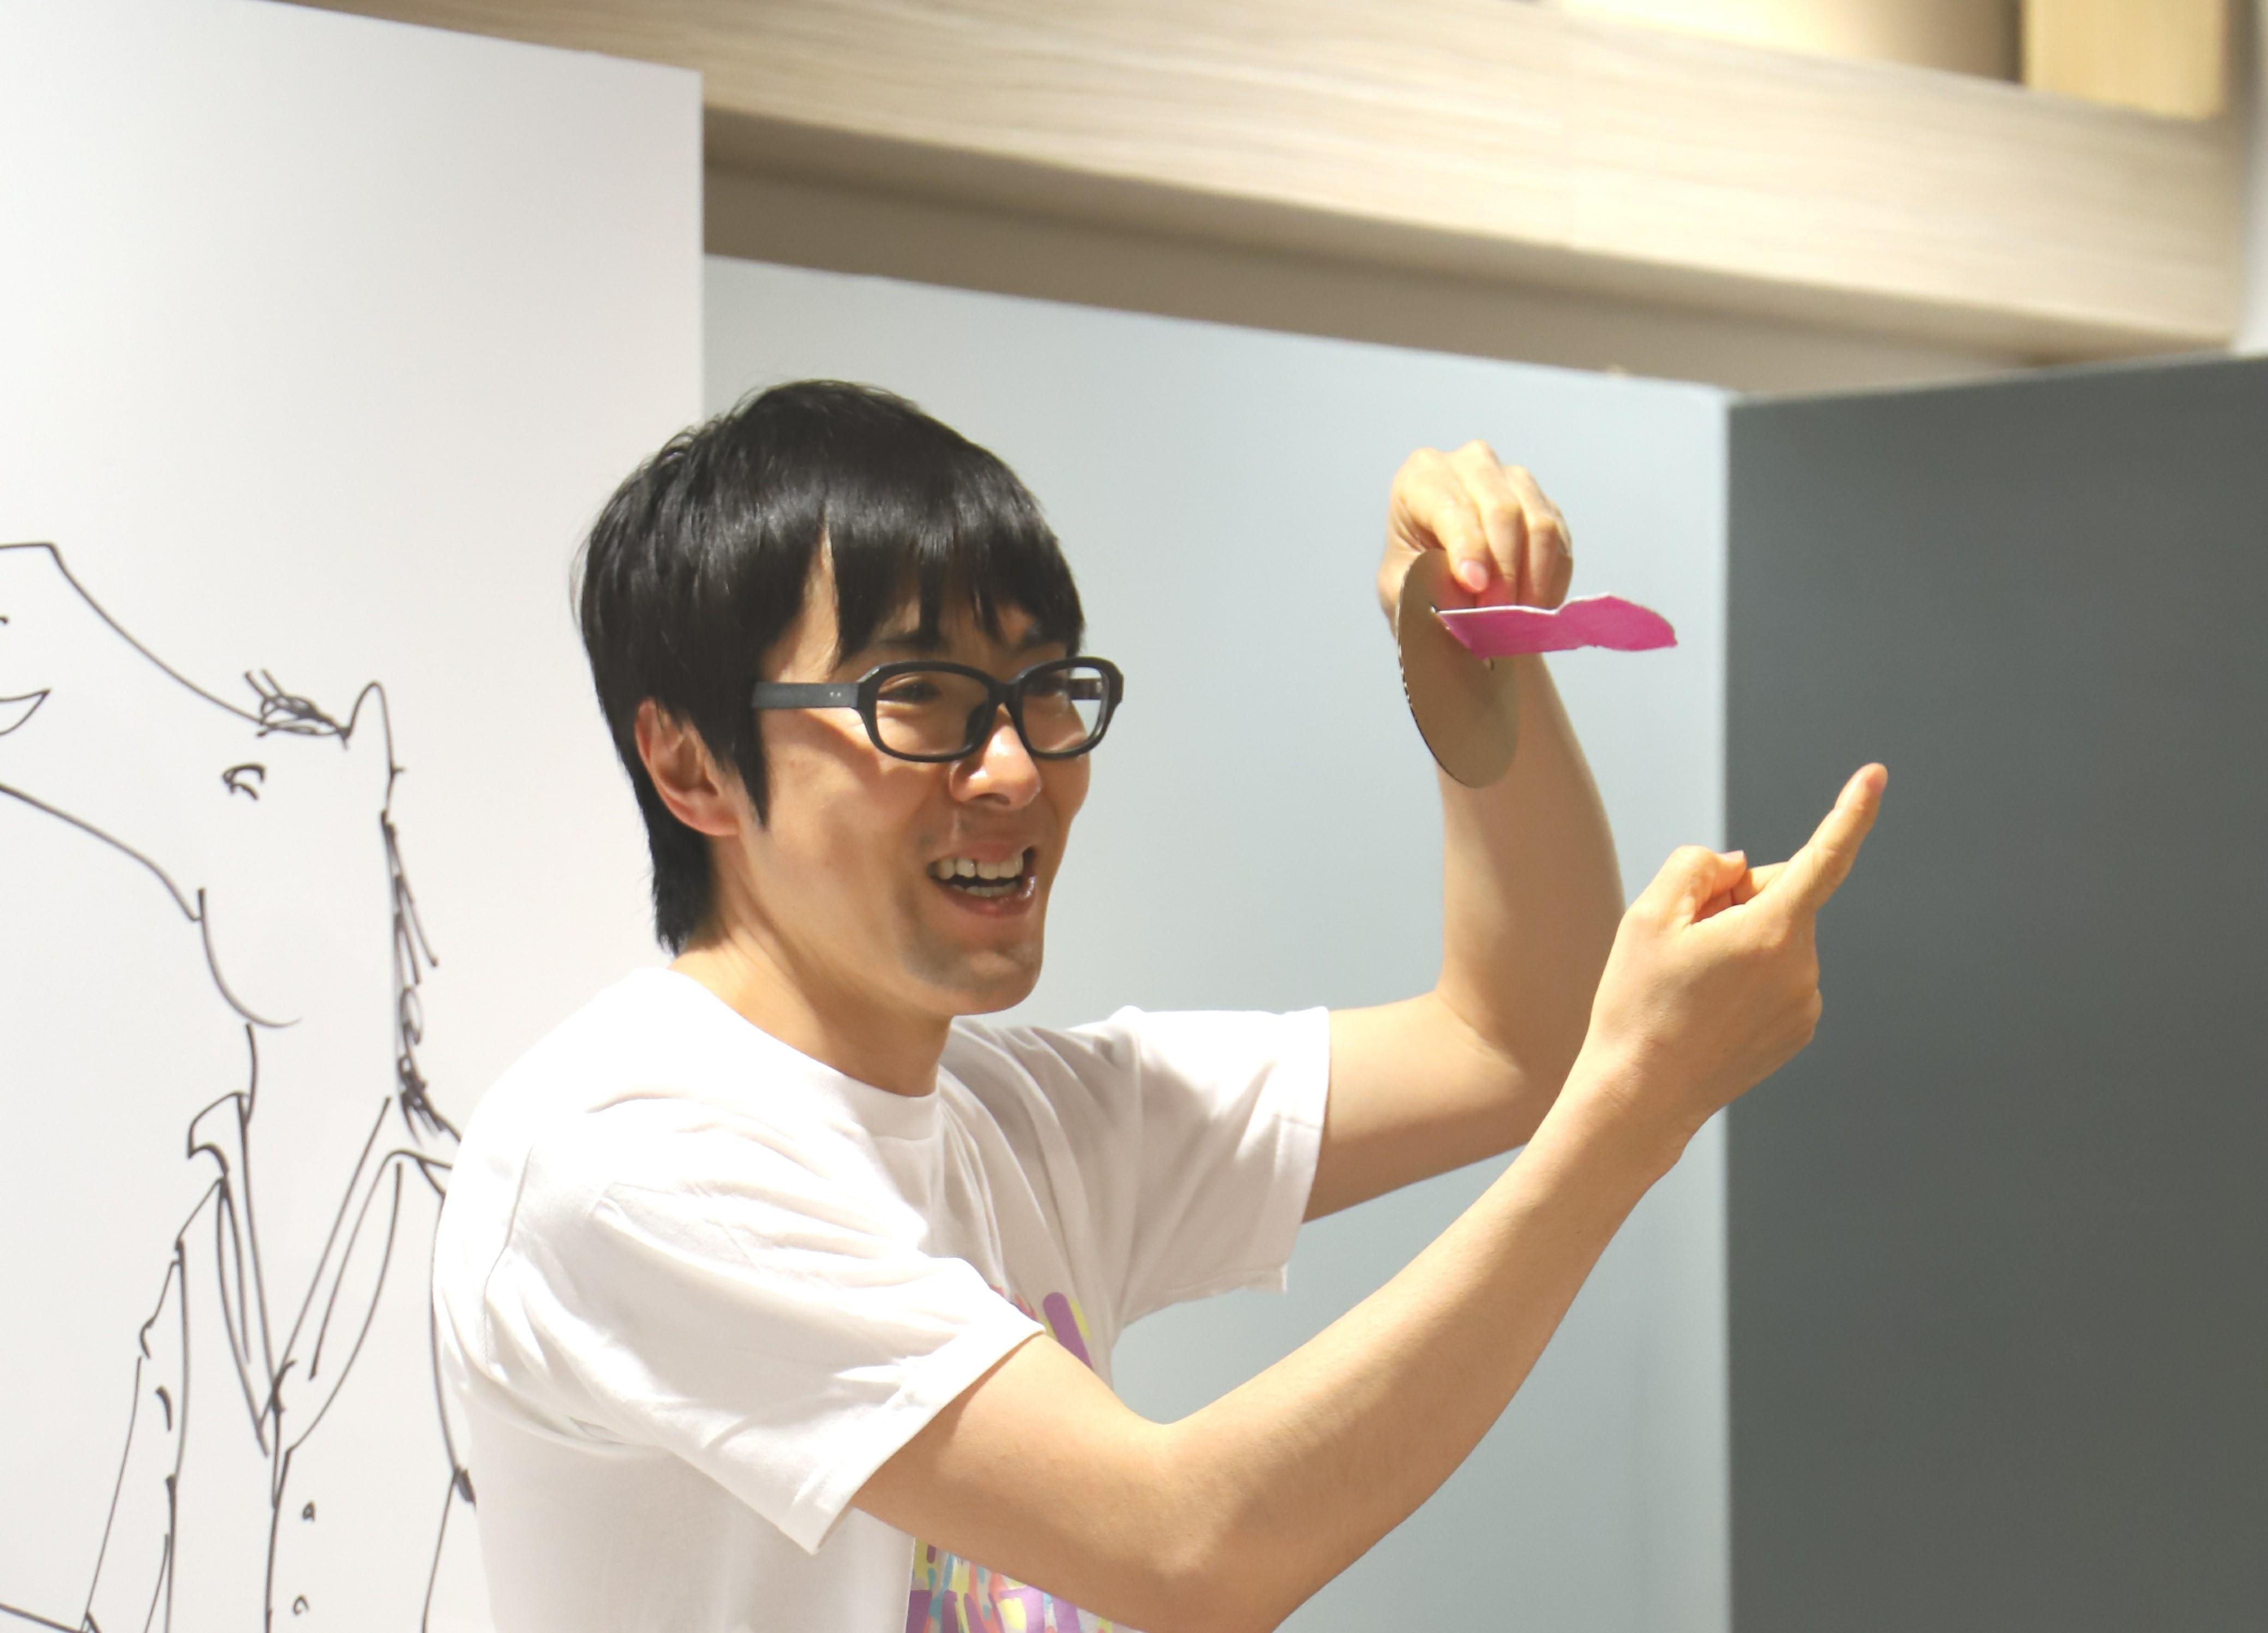 http://news.yoshimoto.co.jp/20180429220831-e7cf581ad00d845b0d191e74e8cf5bdd6c444d5b.jpg